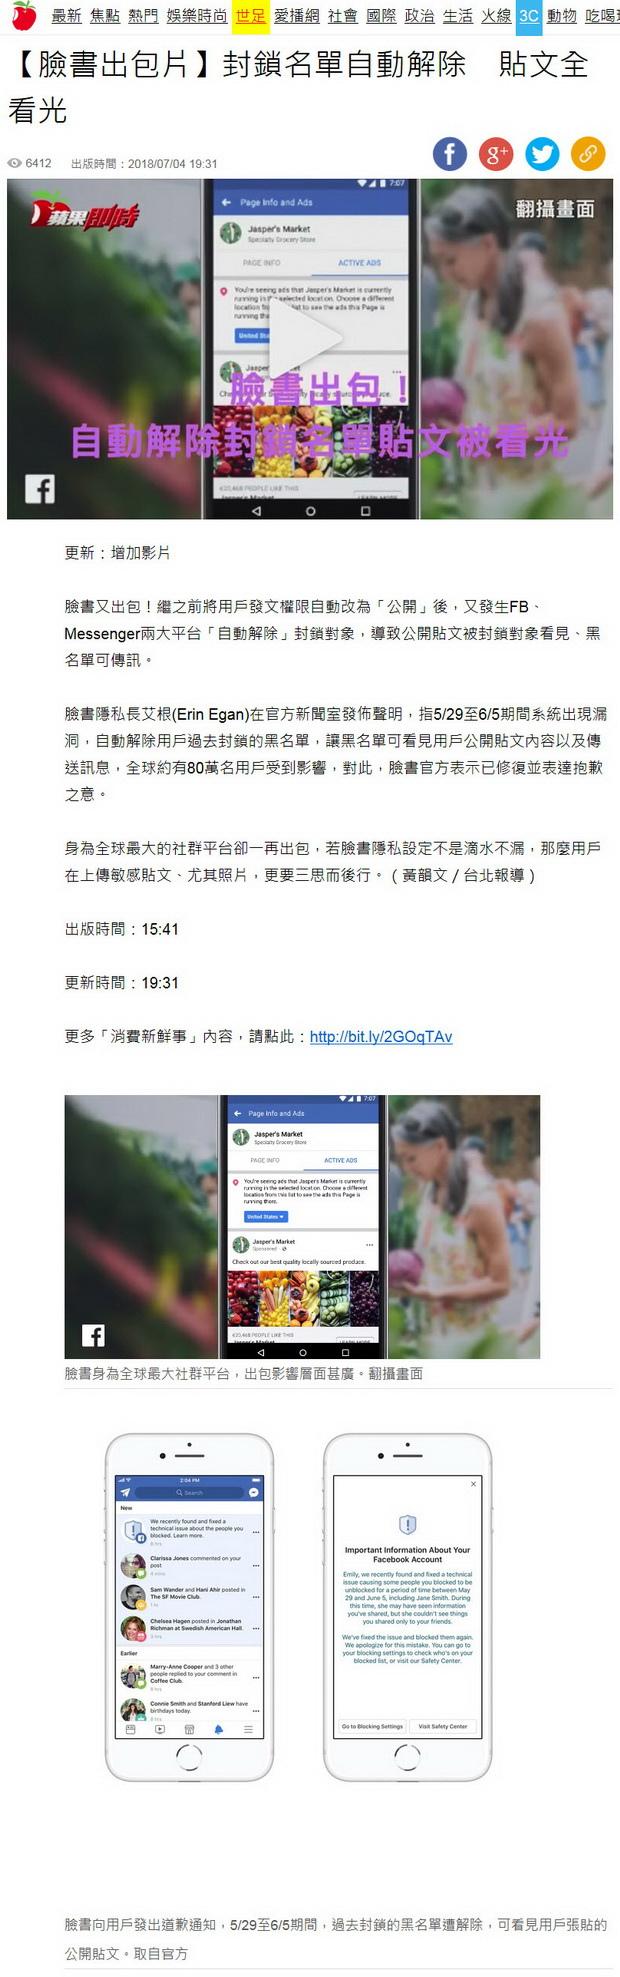 【臉書出包片】封鎖名單自動解除 貼文全看光-2018.07.04.jpg